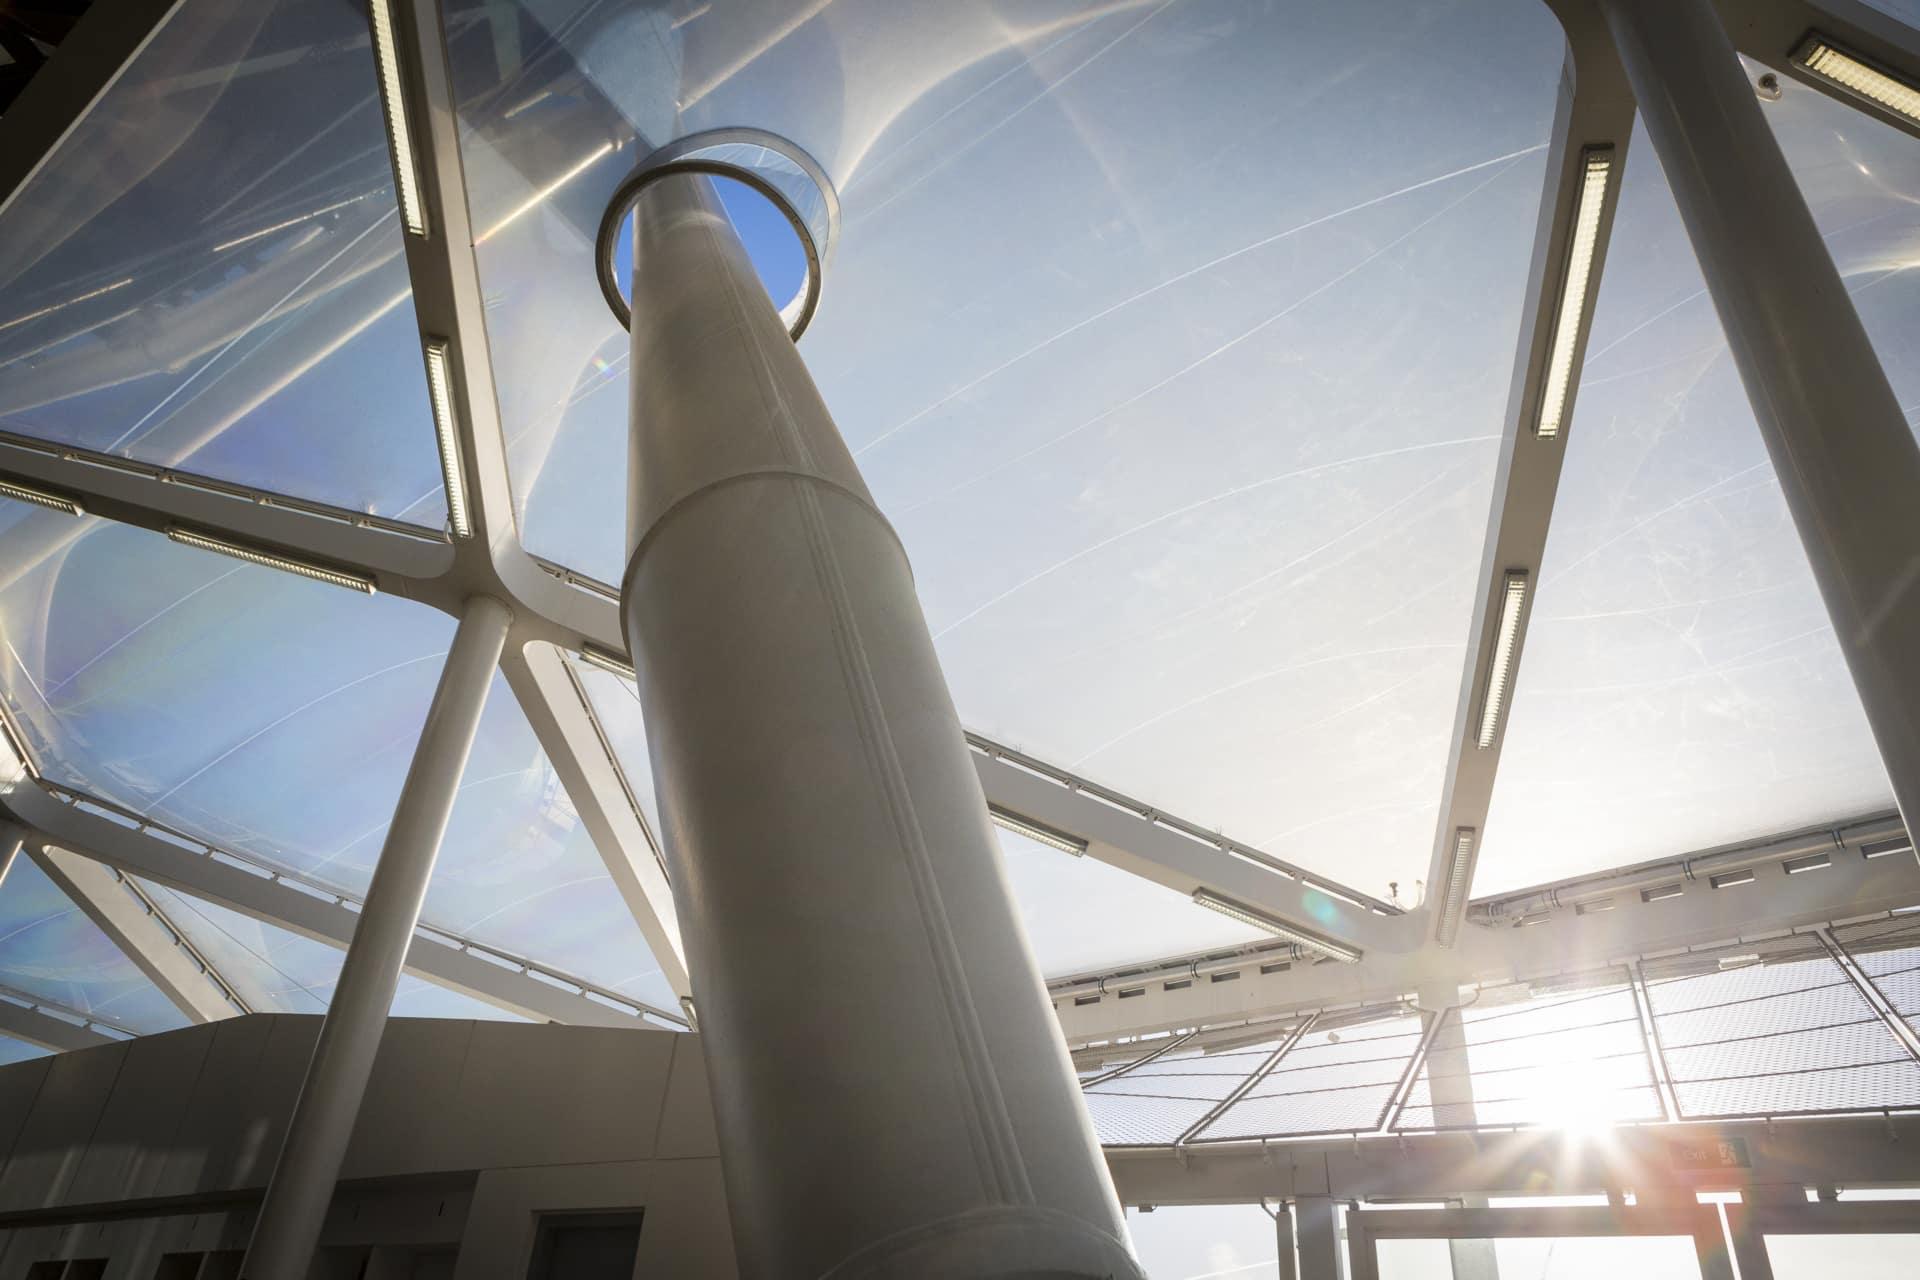 Das System wurde so um die Stahlsäulen konstruiert, dass sie durch die Mitte des Texlon® ETFE-Kissens verlaufen.